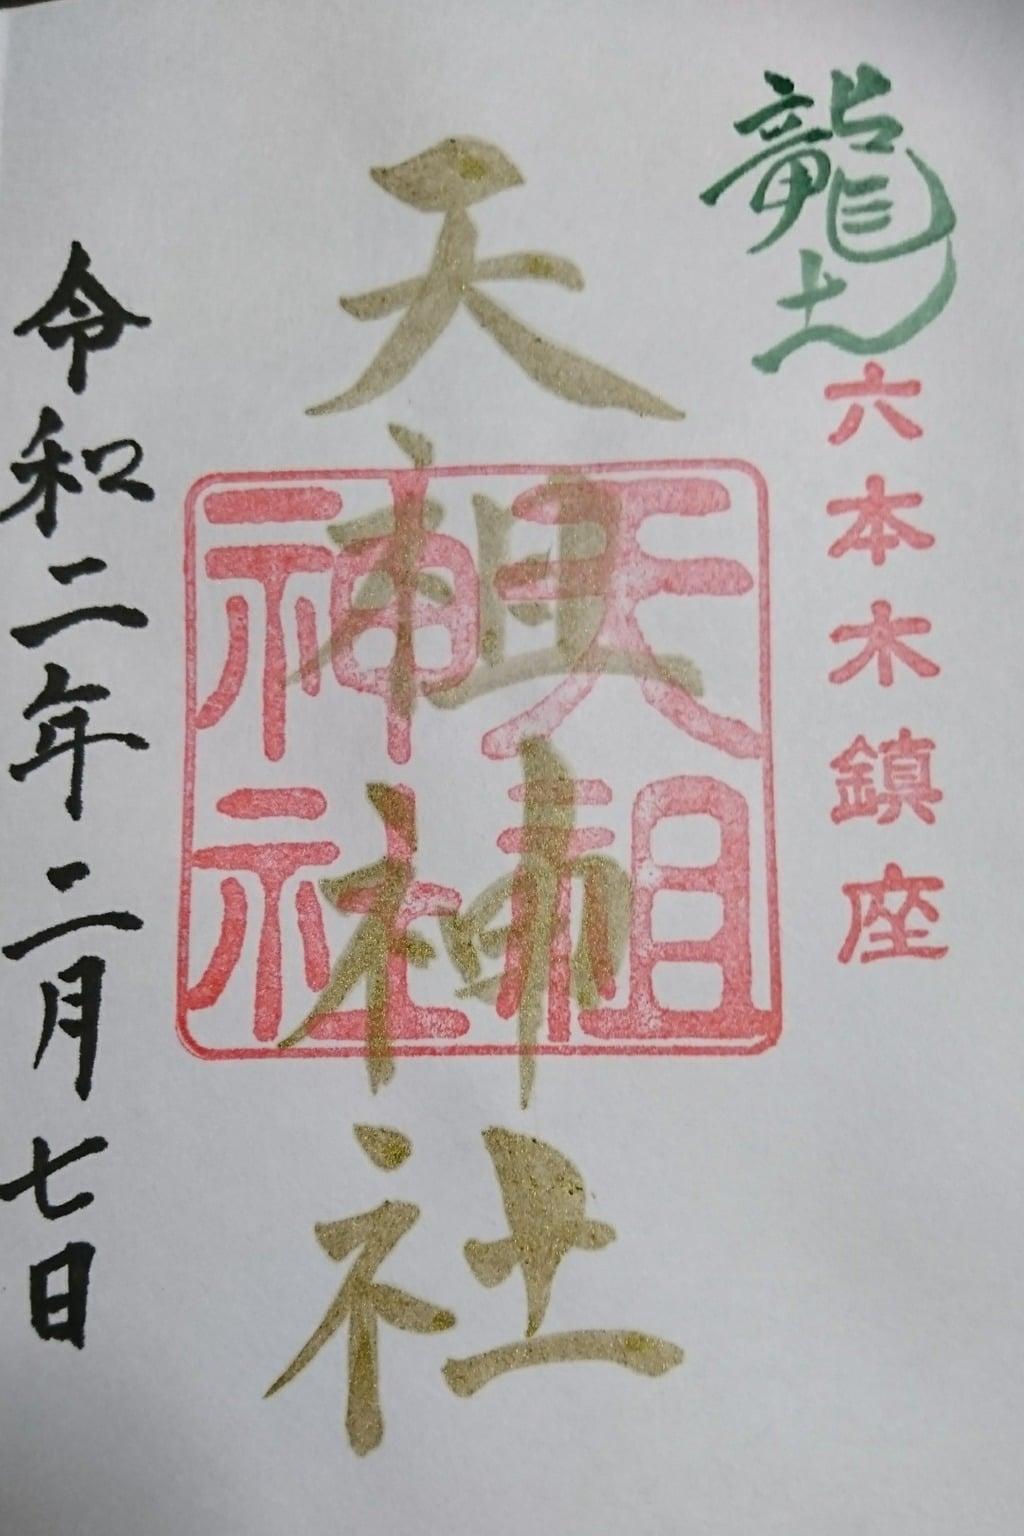 六本木天祖神社の御朱印